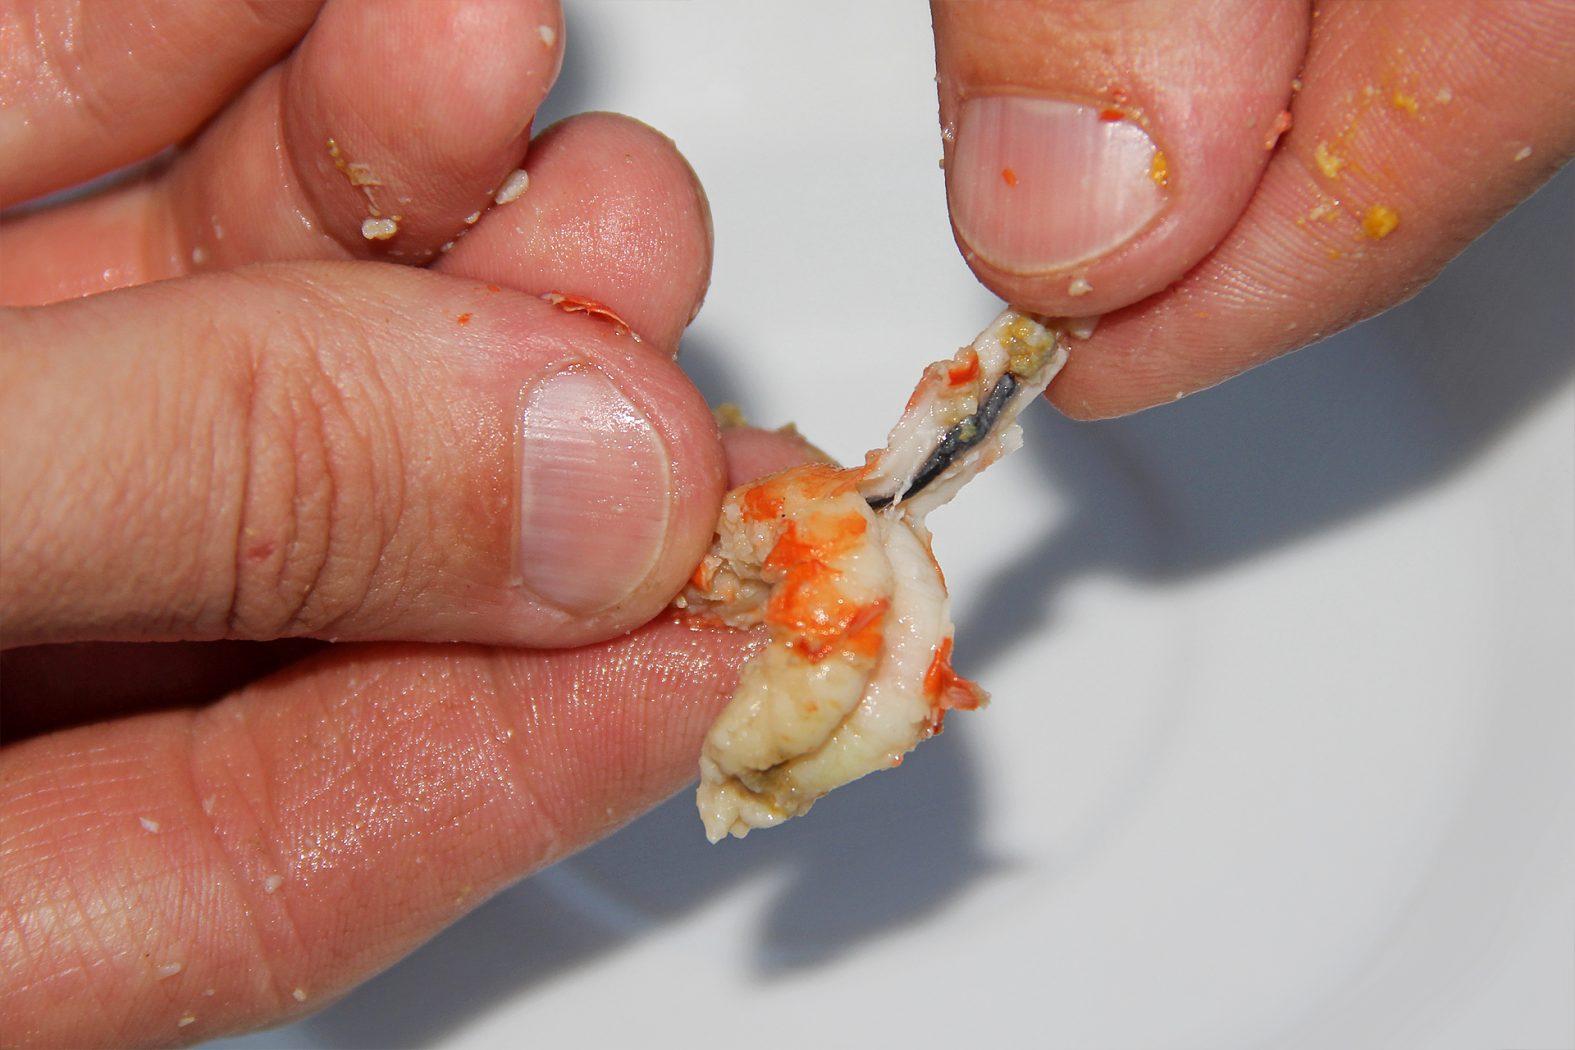 Den Darm bei gekochten Flusskrebsen entfernen